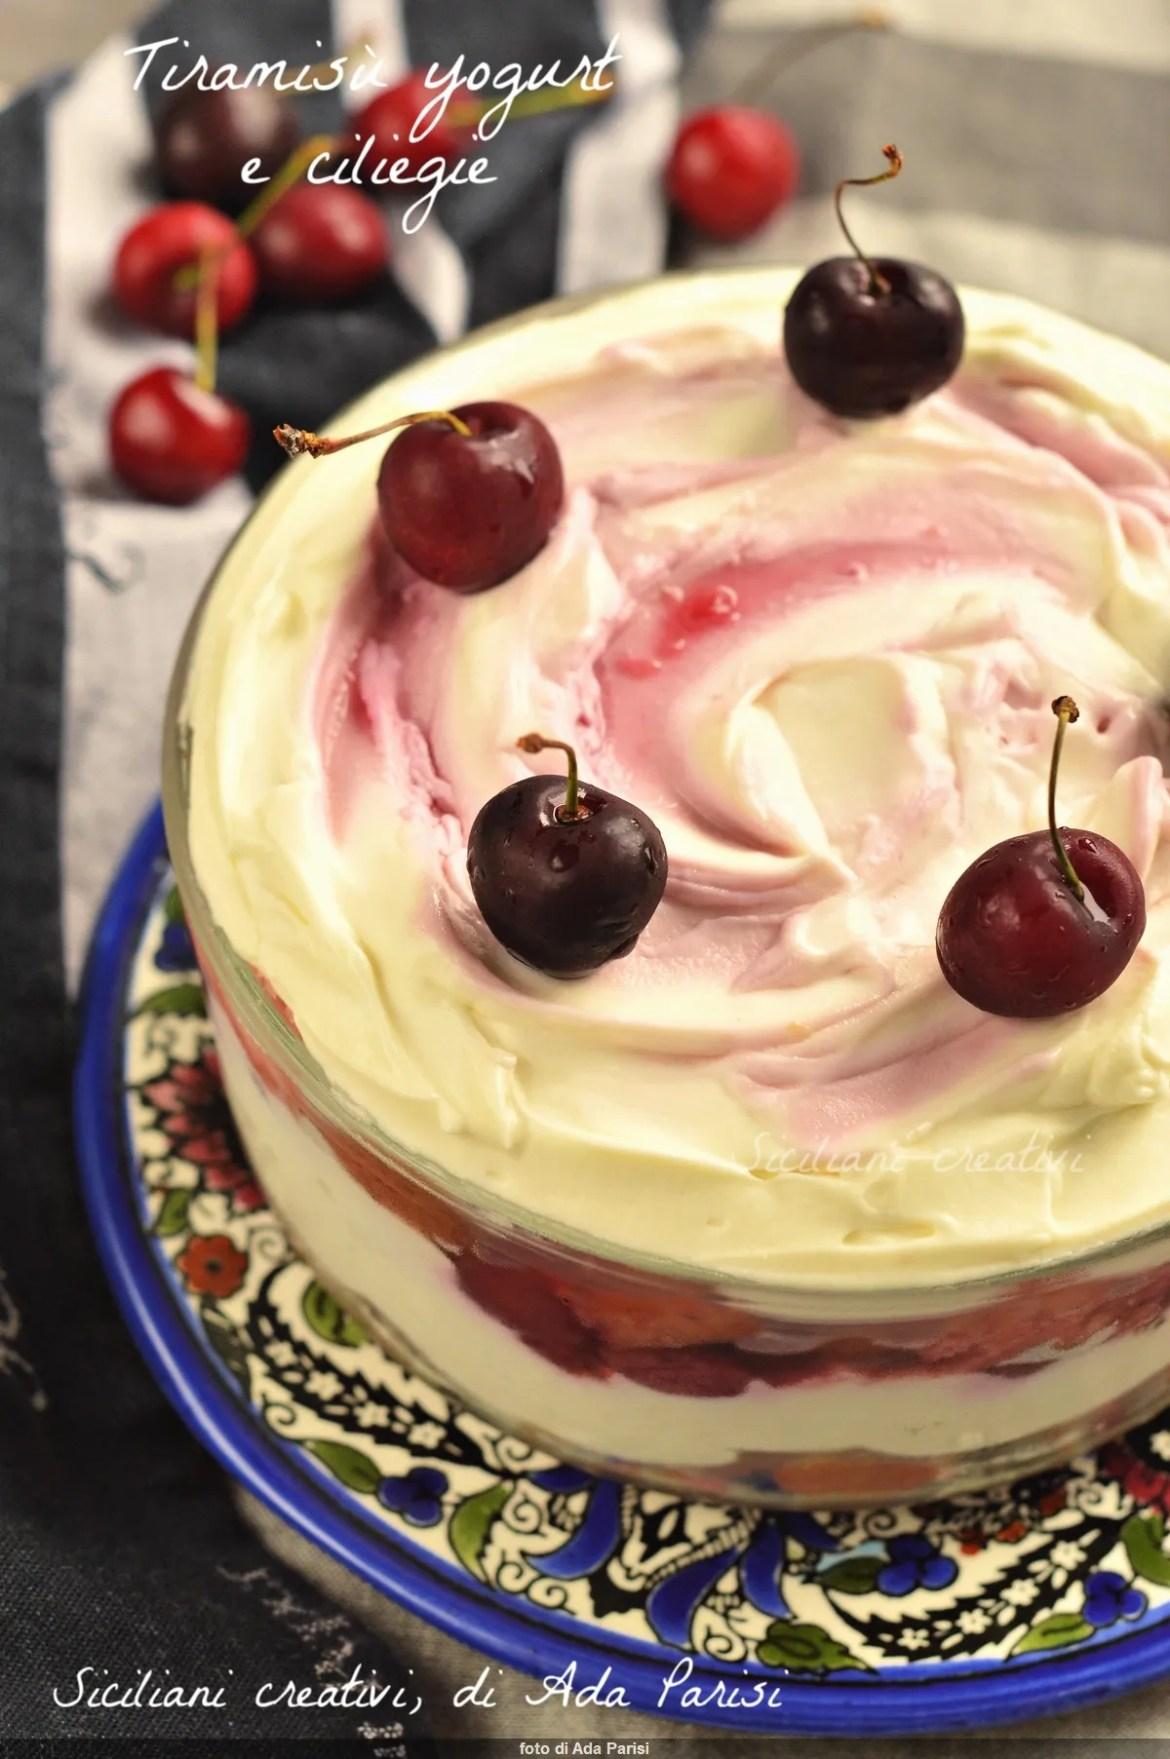 Tiramisu yogurt and cherries